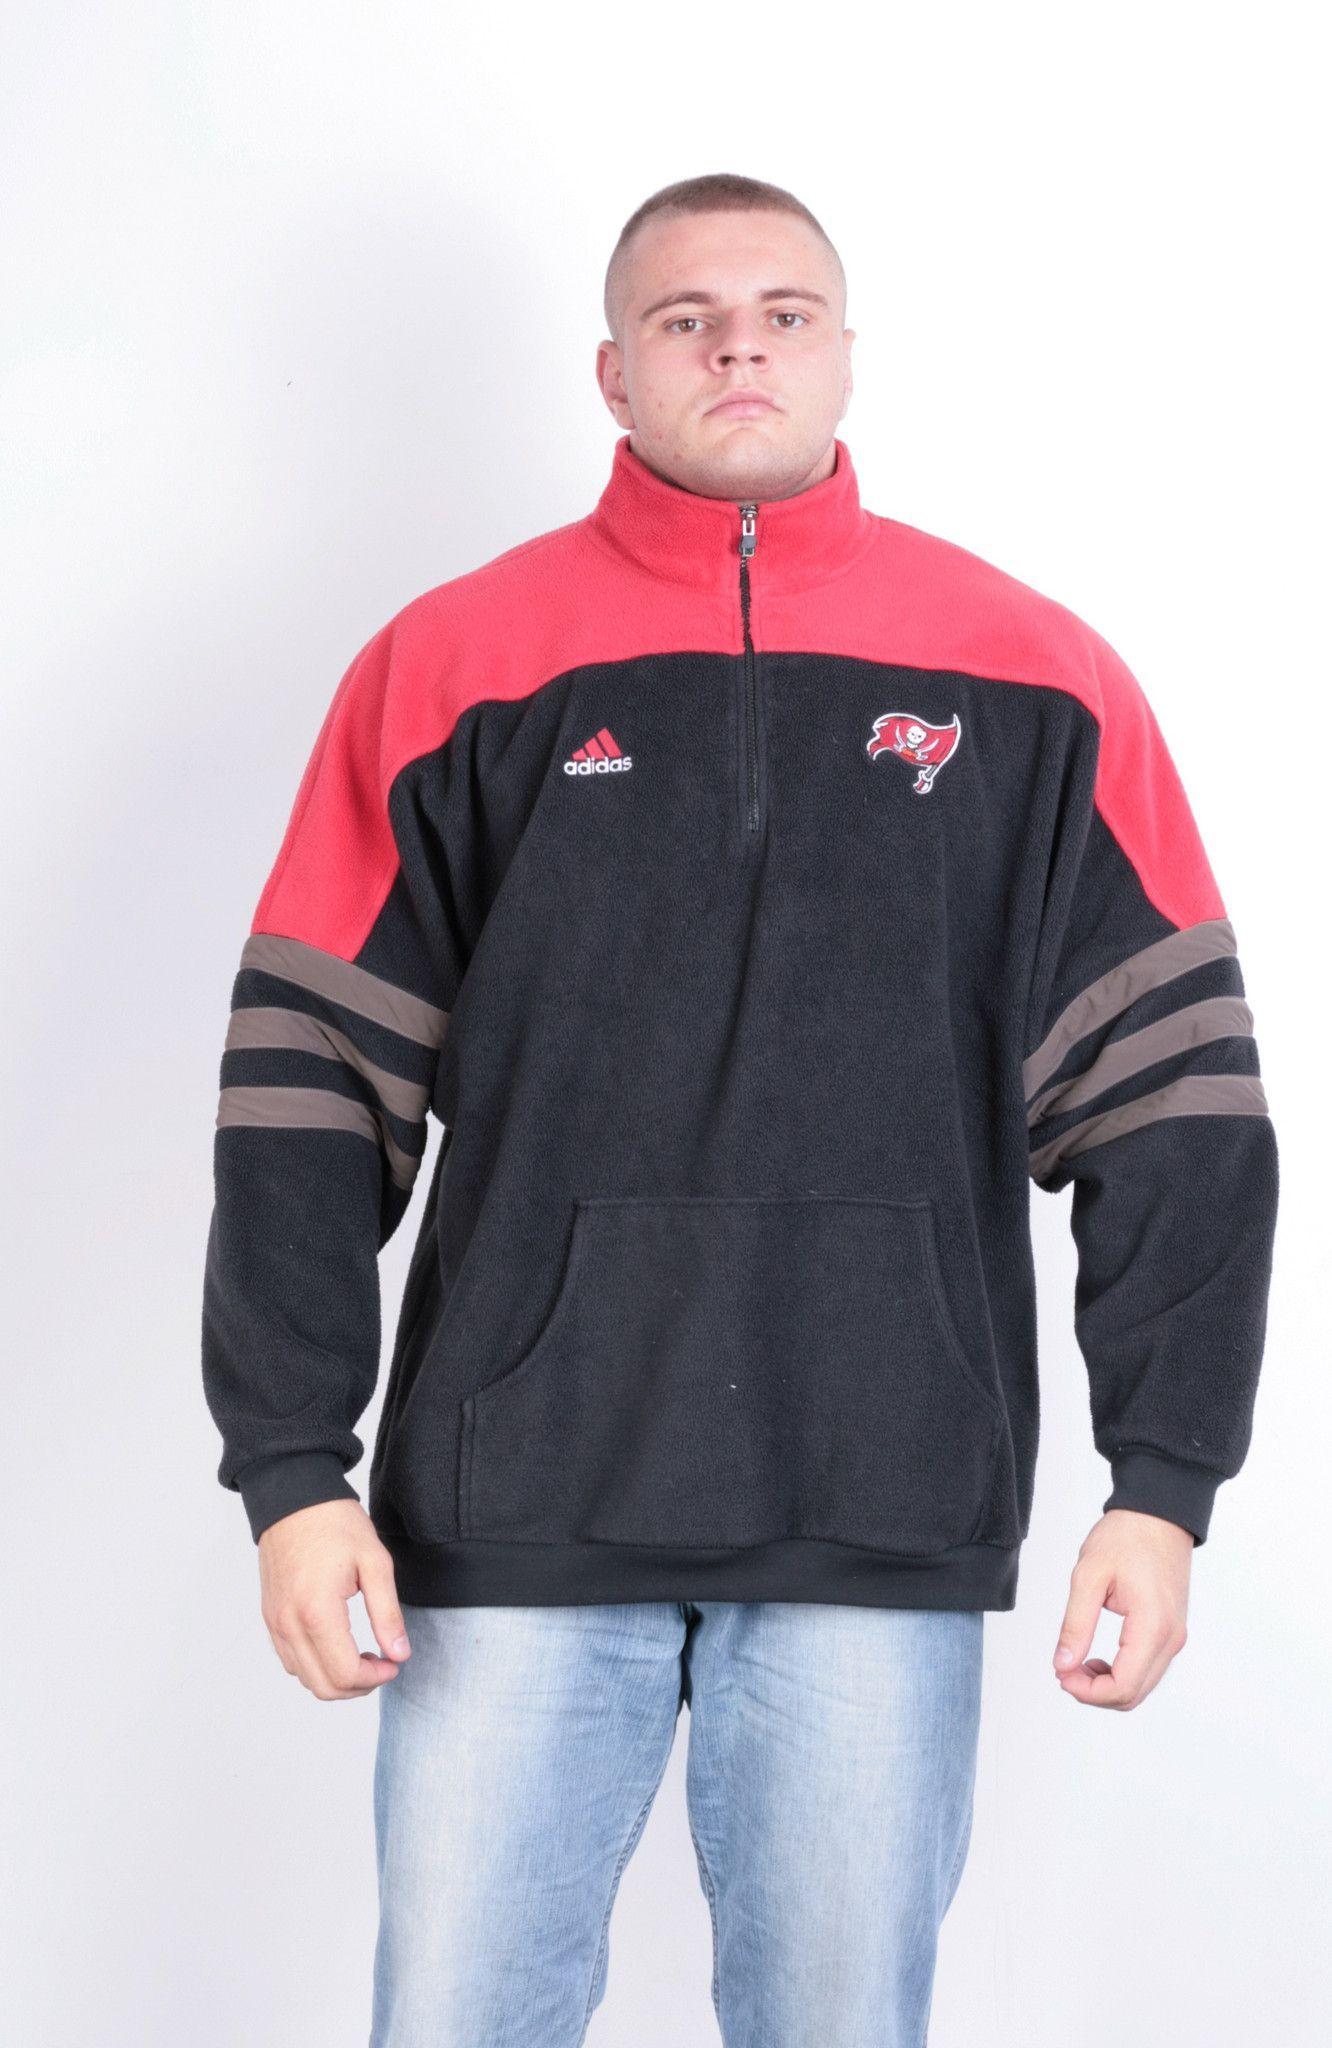 NFL Pro Line Tampa Bay Buccaneers Adidas Mens 2XL Sweatshirt Fleece Top Zip Neck Black